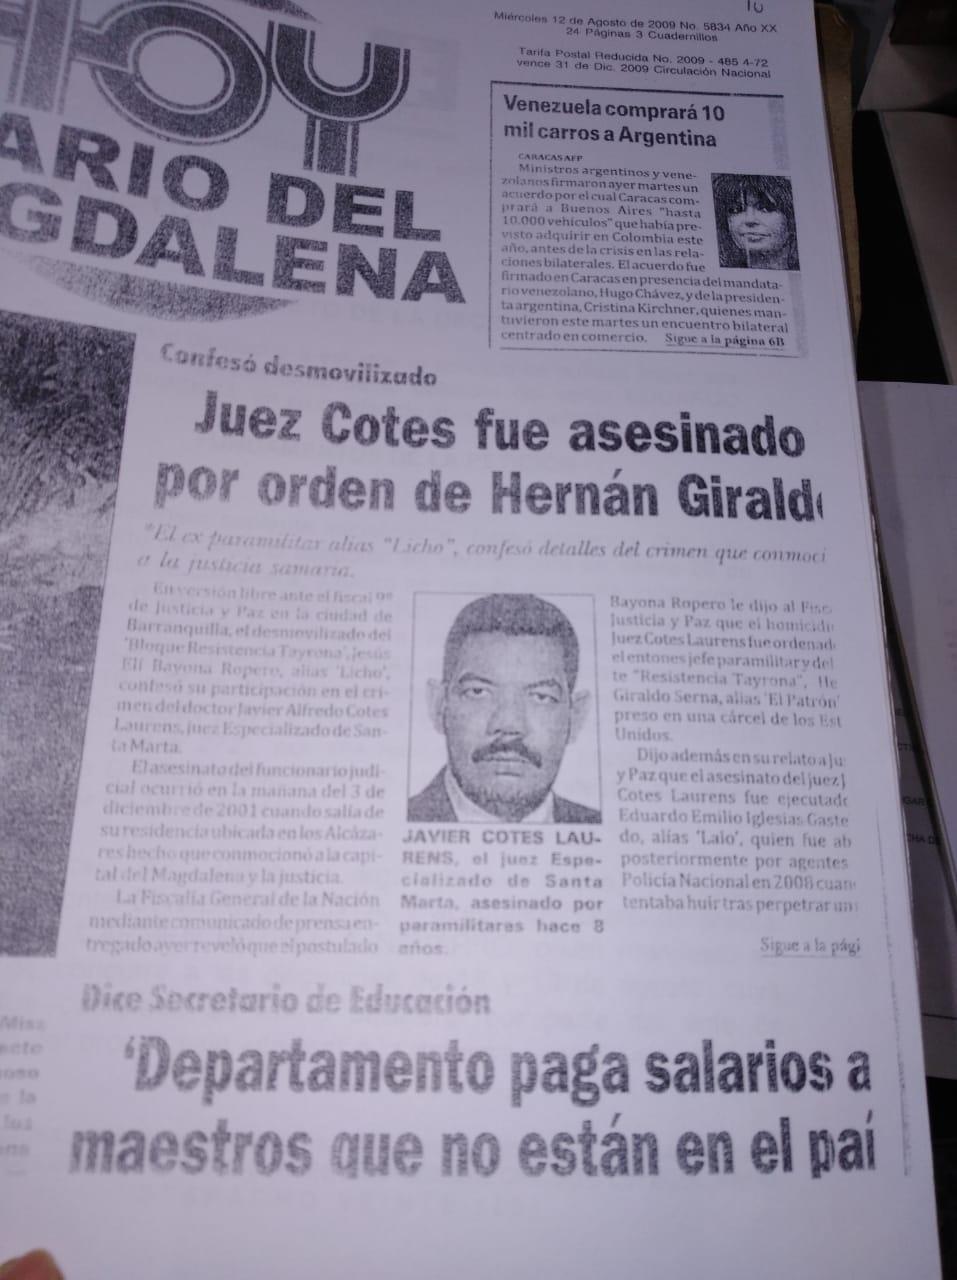 Declaraciones de AUC en Justicia y Paz señalaron a Hernán Giraldo como uno de los determinadores.